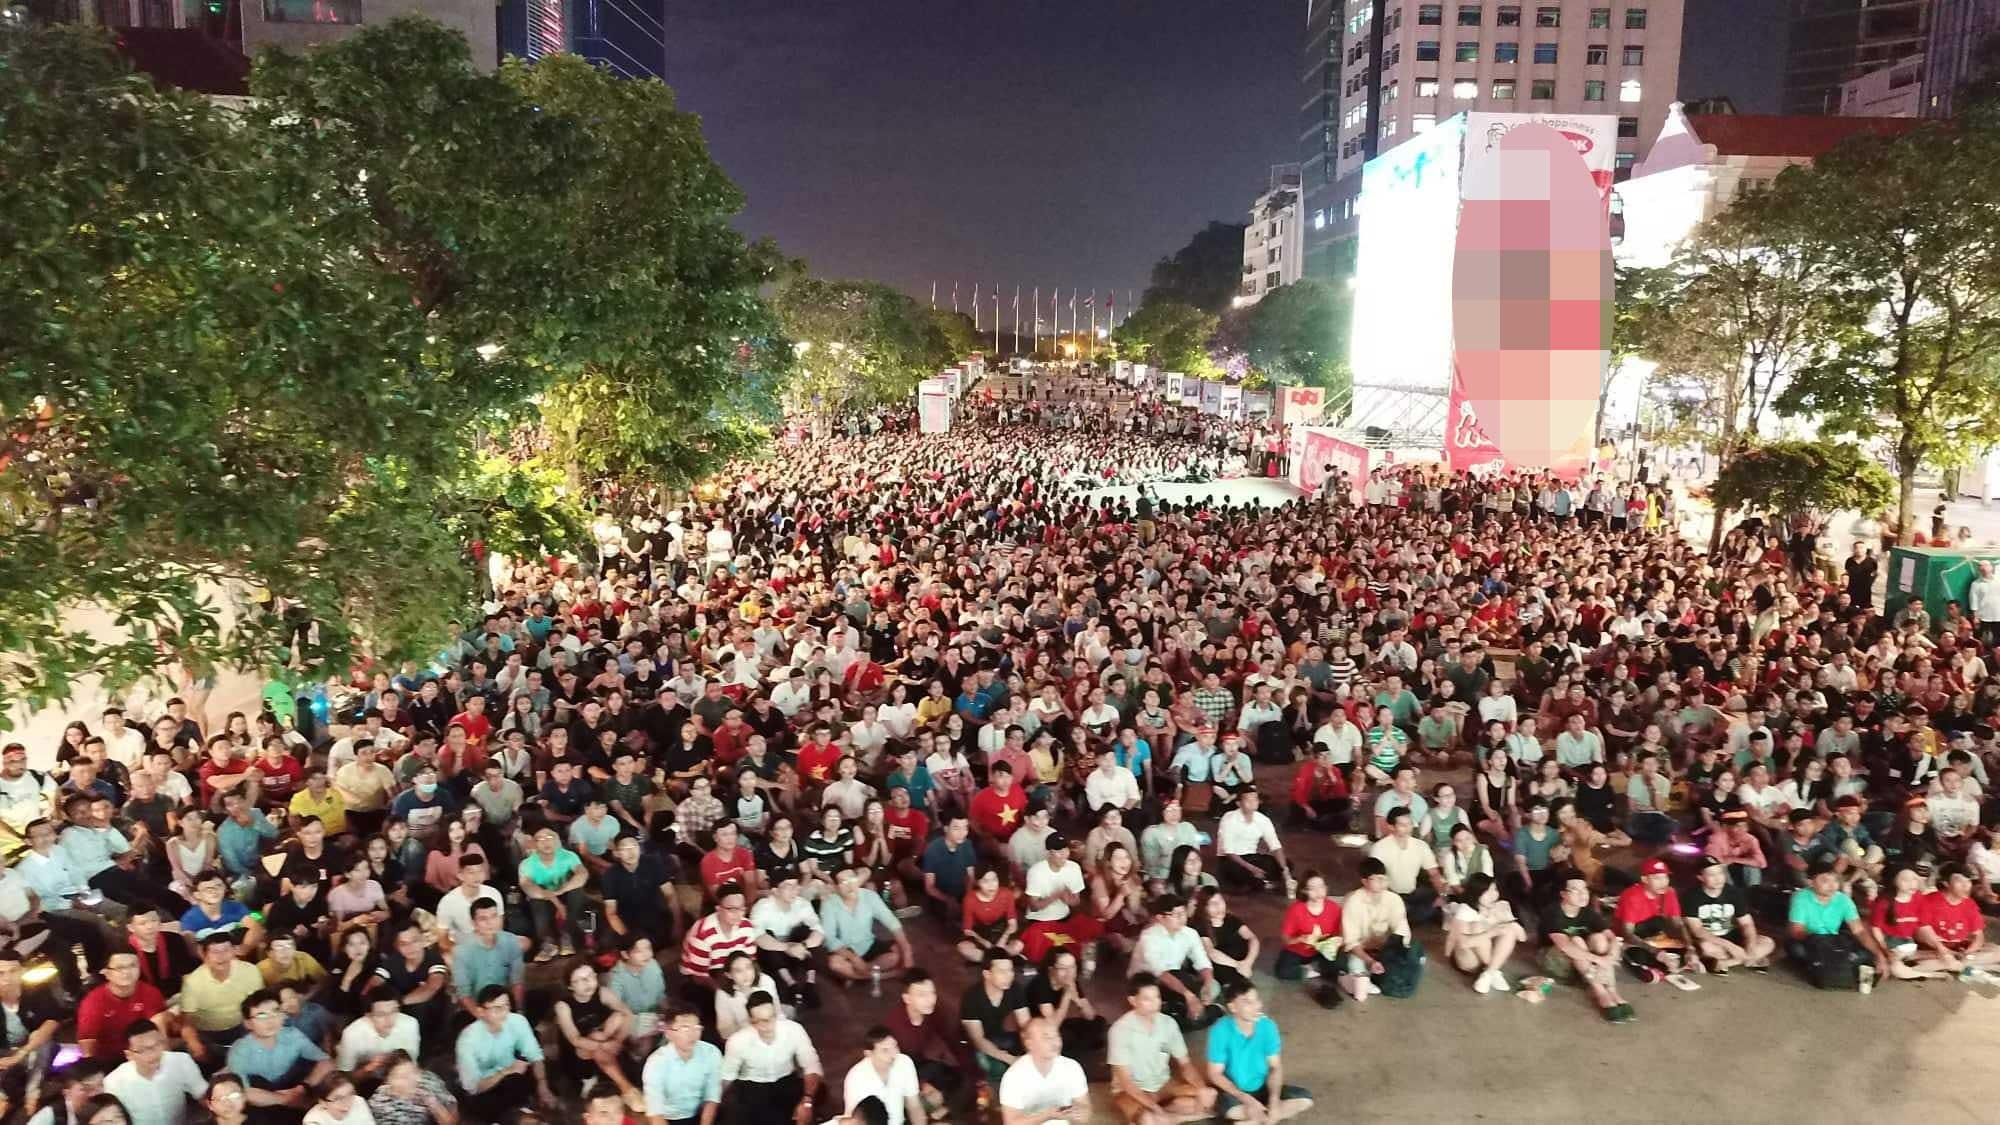 Sau vỡ òa hạnh phúc, người hâm mộ U23 Việt Nam có hành động bất ngờ trên phố đi bộ - 1